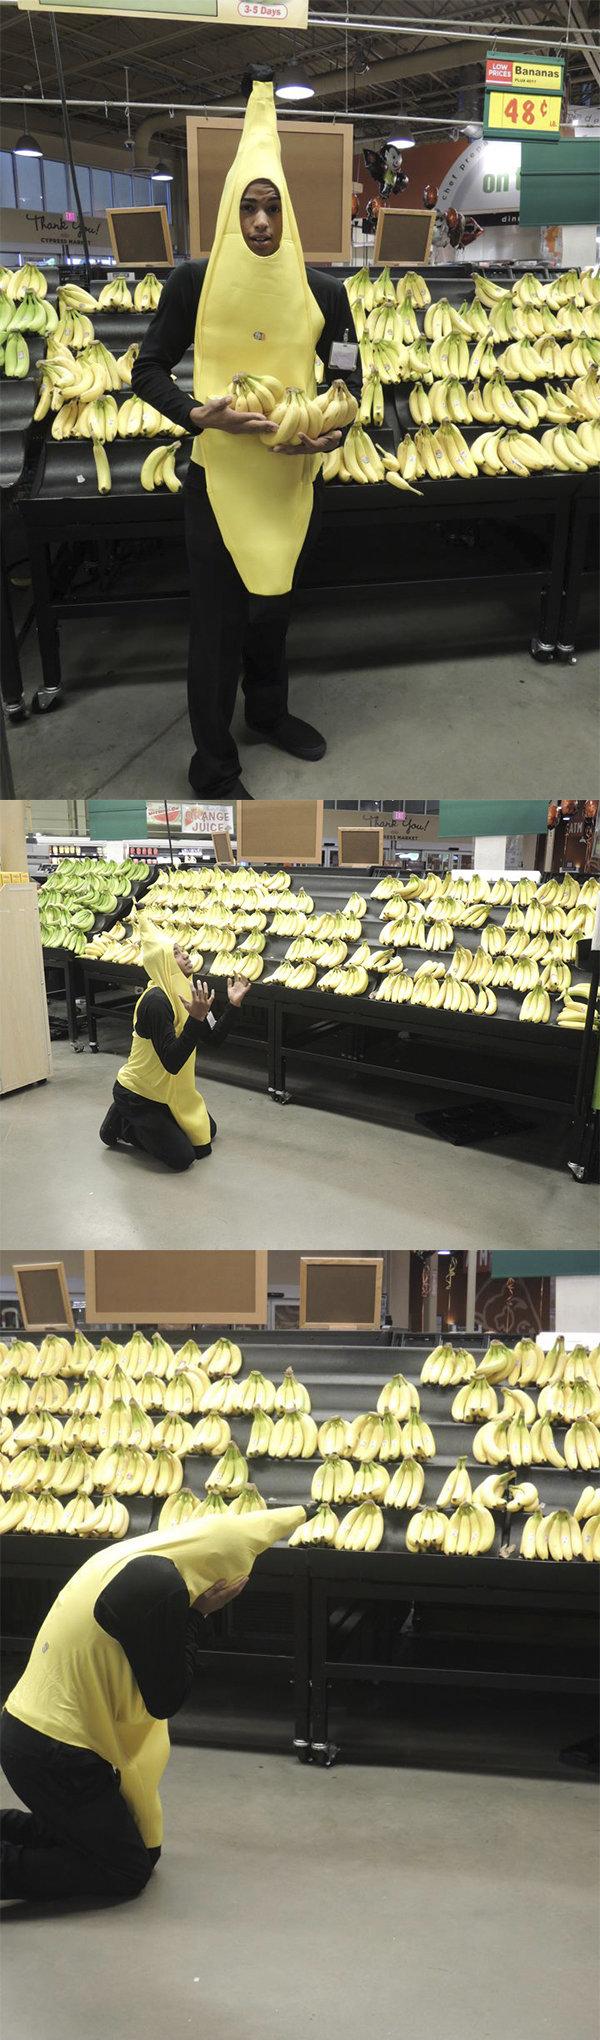 Tragic scene. . Banana tragic scene funny weird fruits